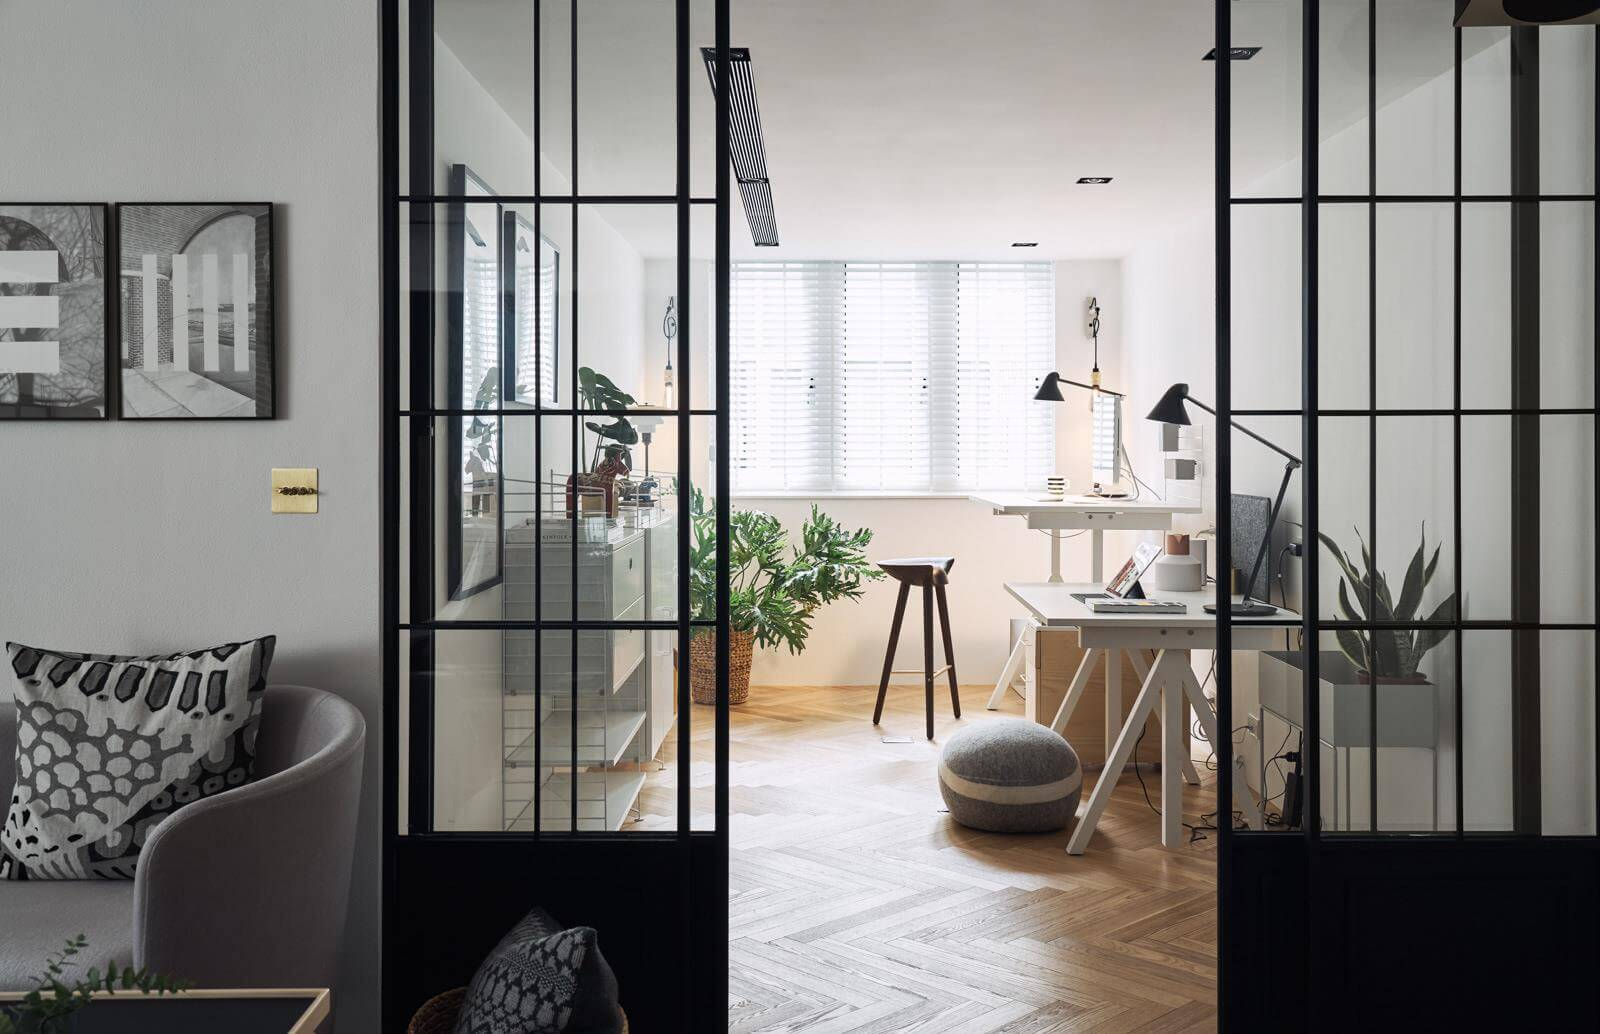 Небольшой кабинет включает все необходимое для комфортной работы